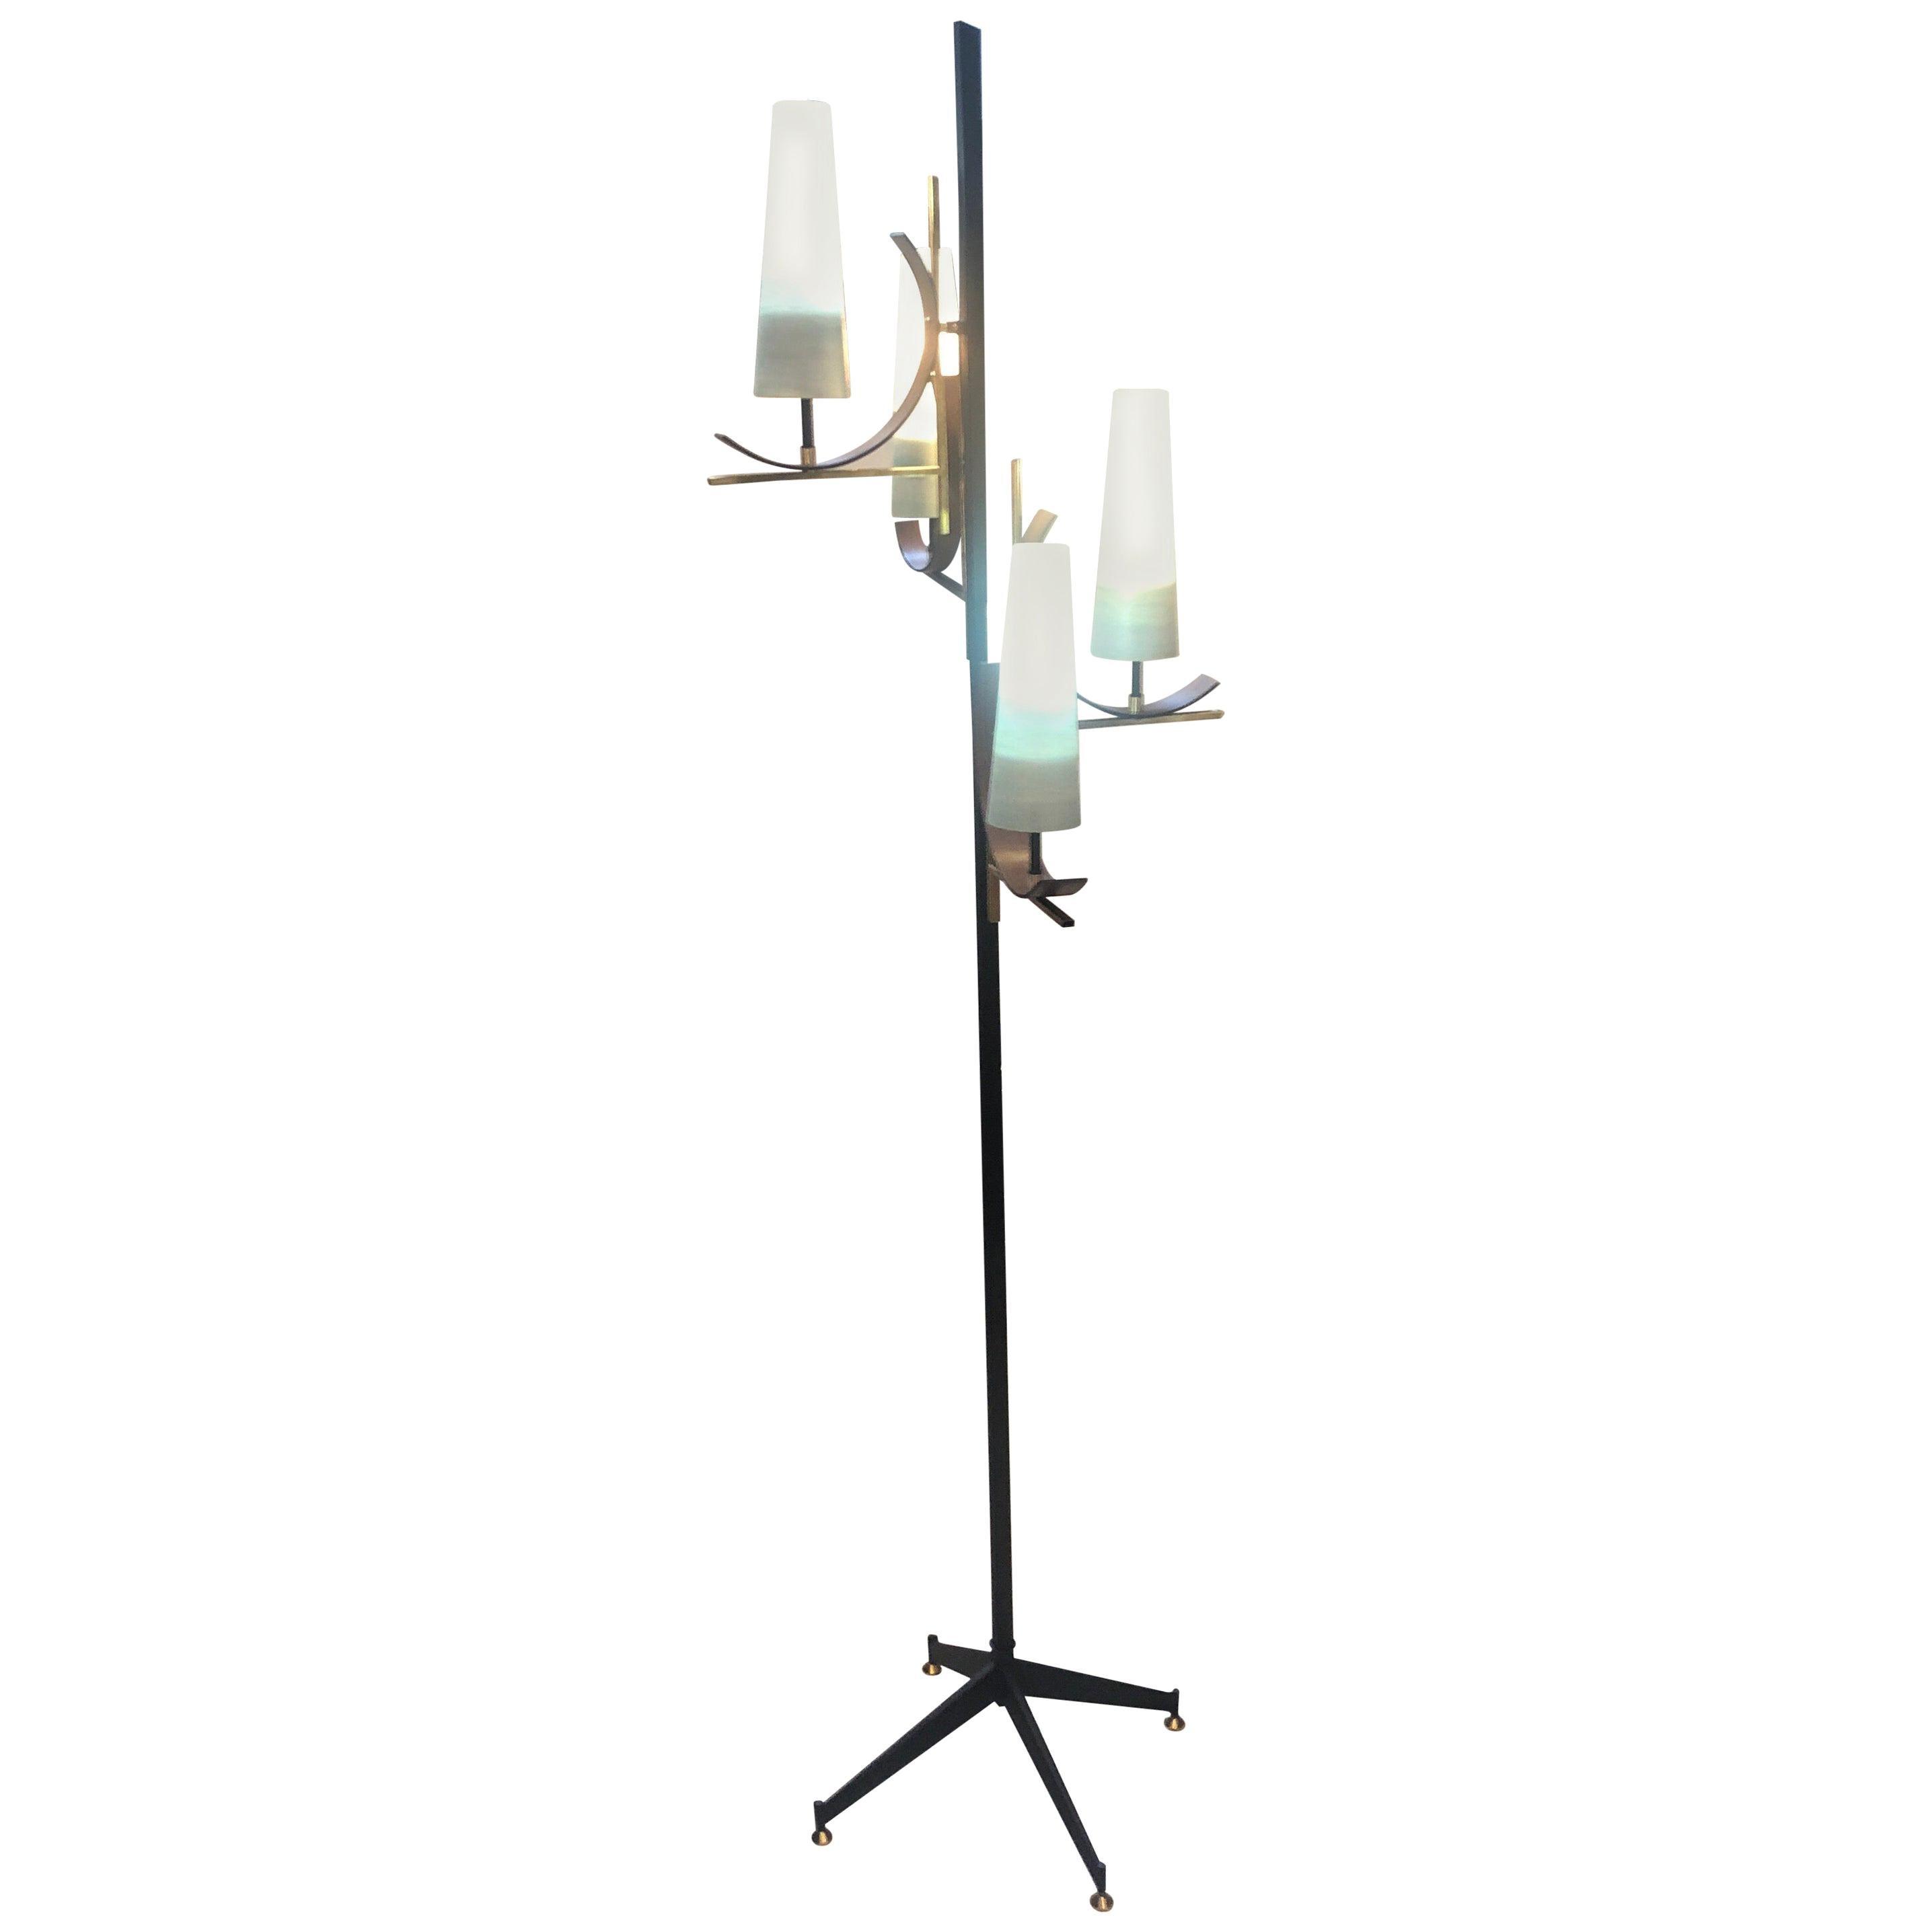 1950s Mid-Century Modern Italian Floor Lamp in the Manner of Stilnovo